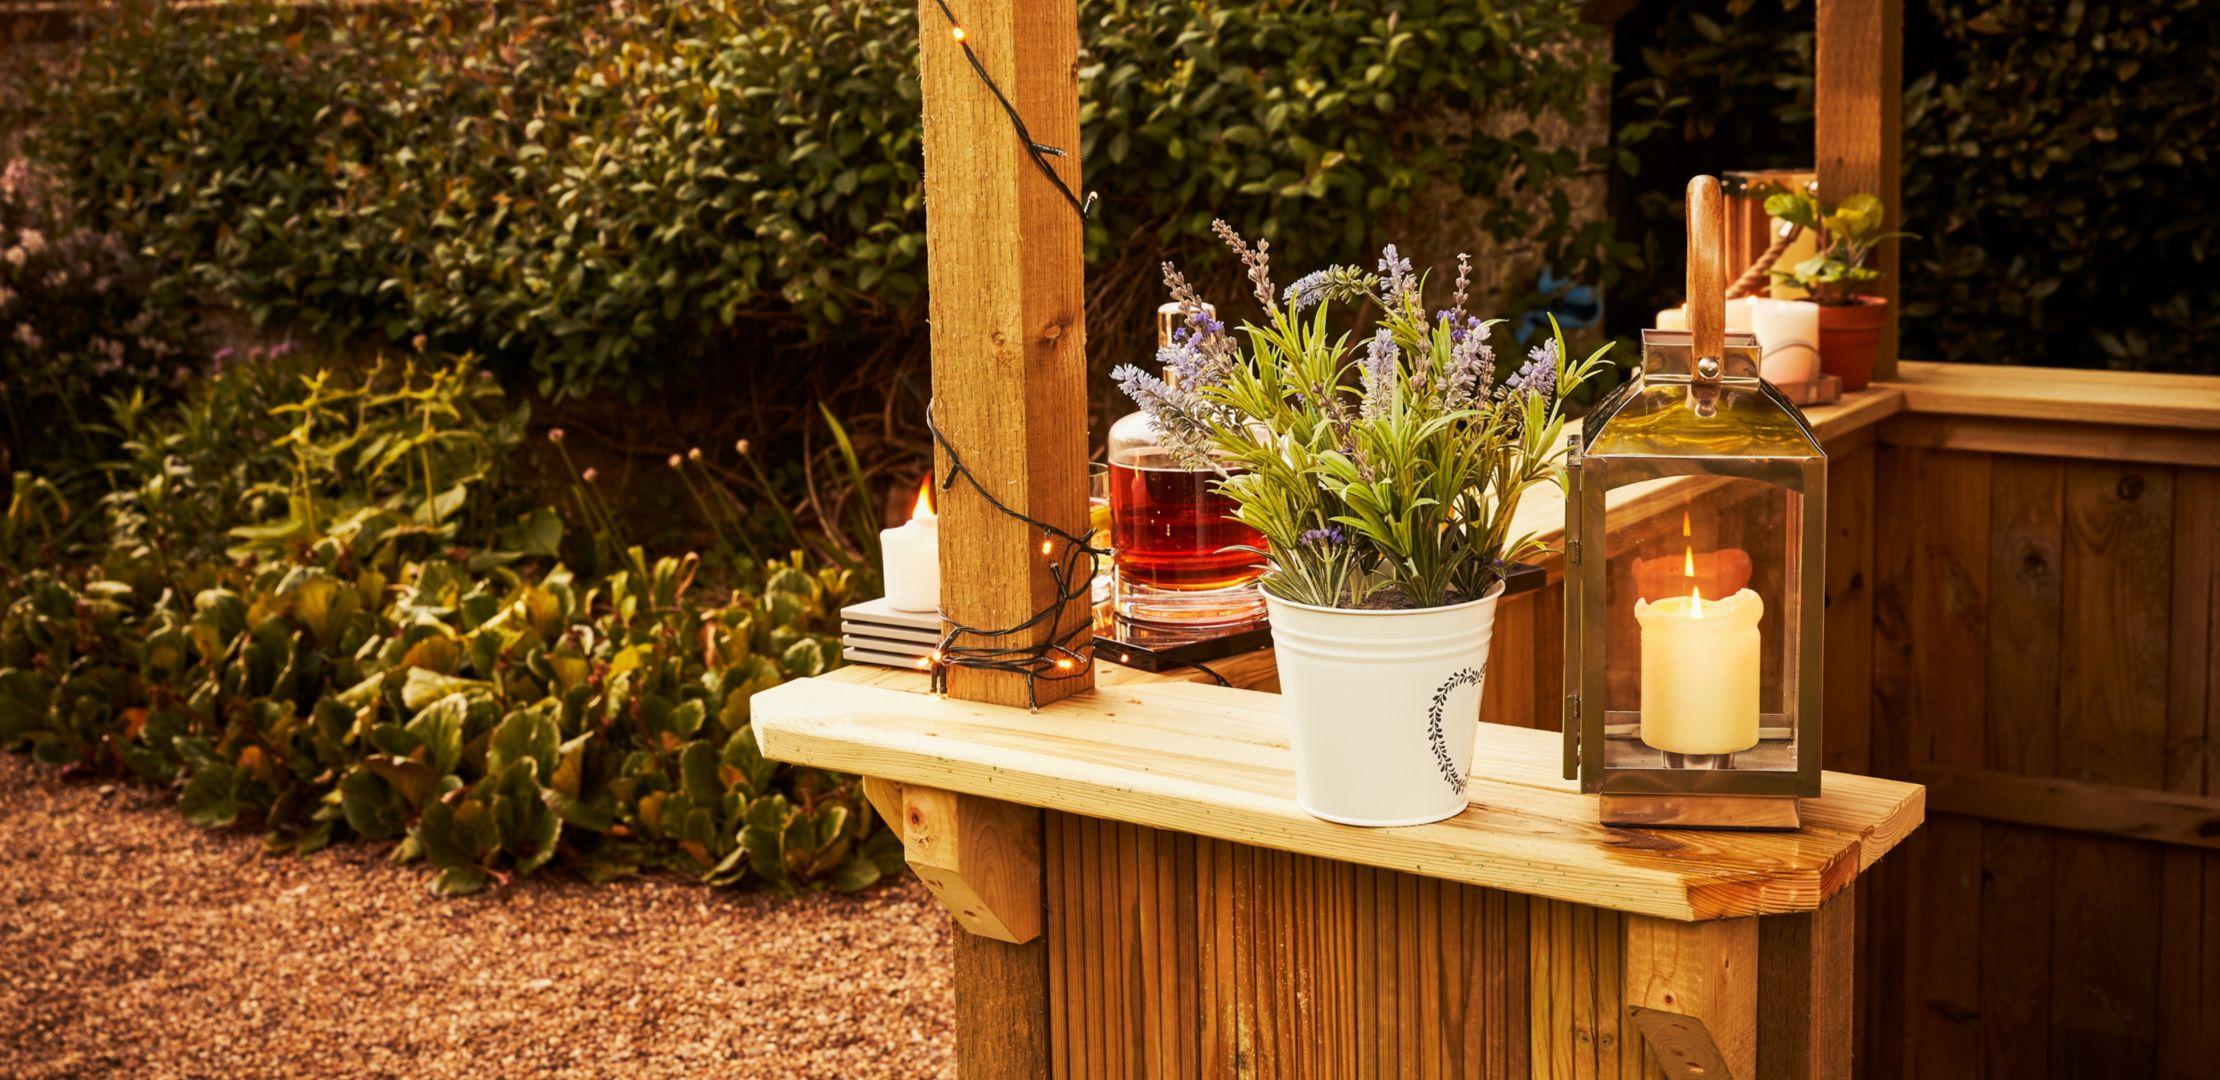 Garden Ideas and Advice